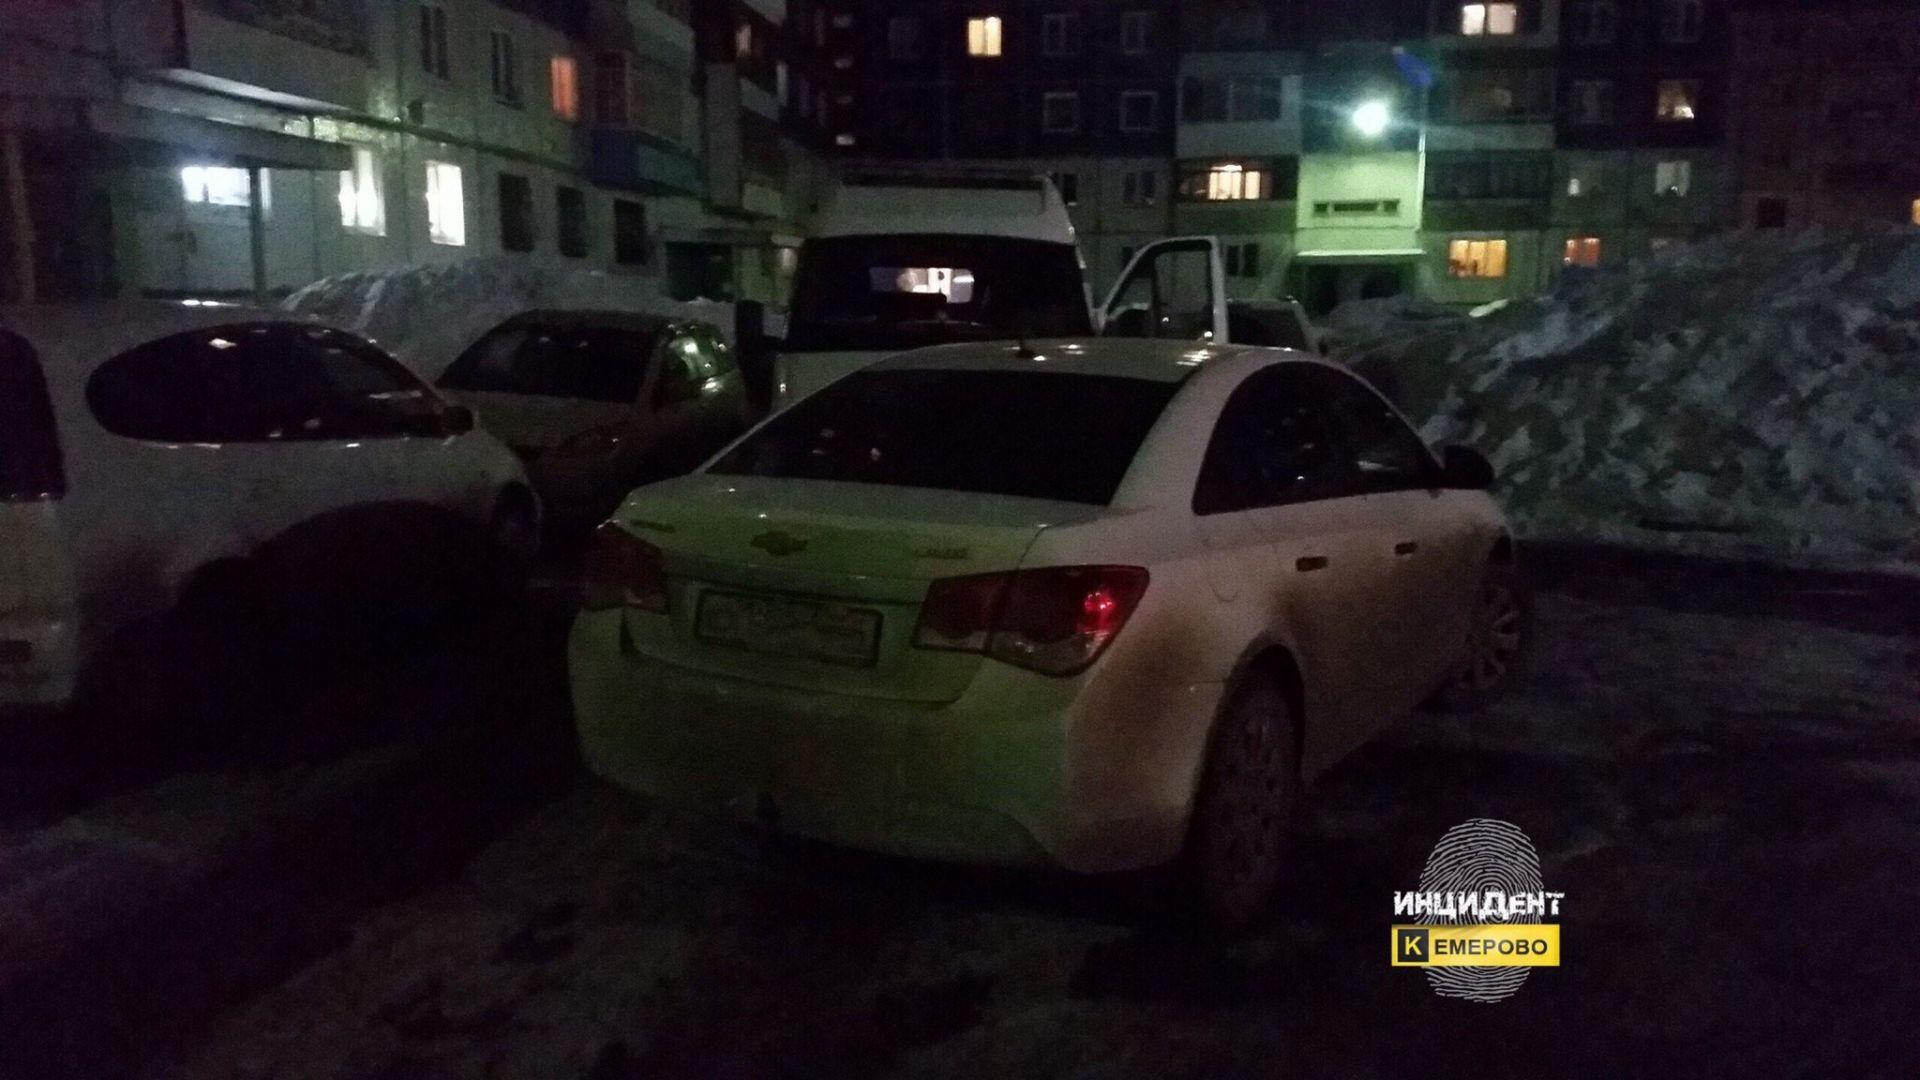 Автомобилист заблокировал скорую водворе вКемерове